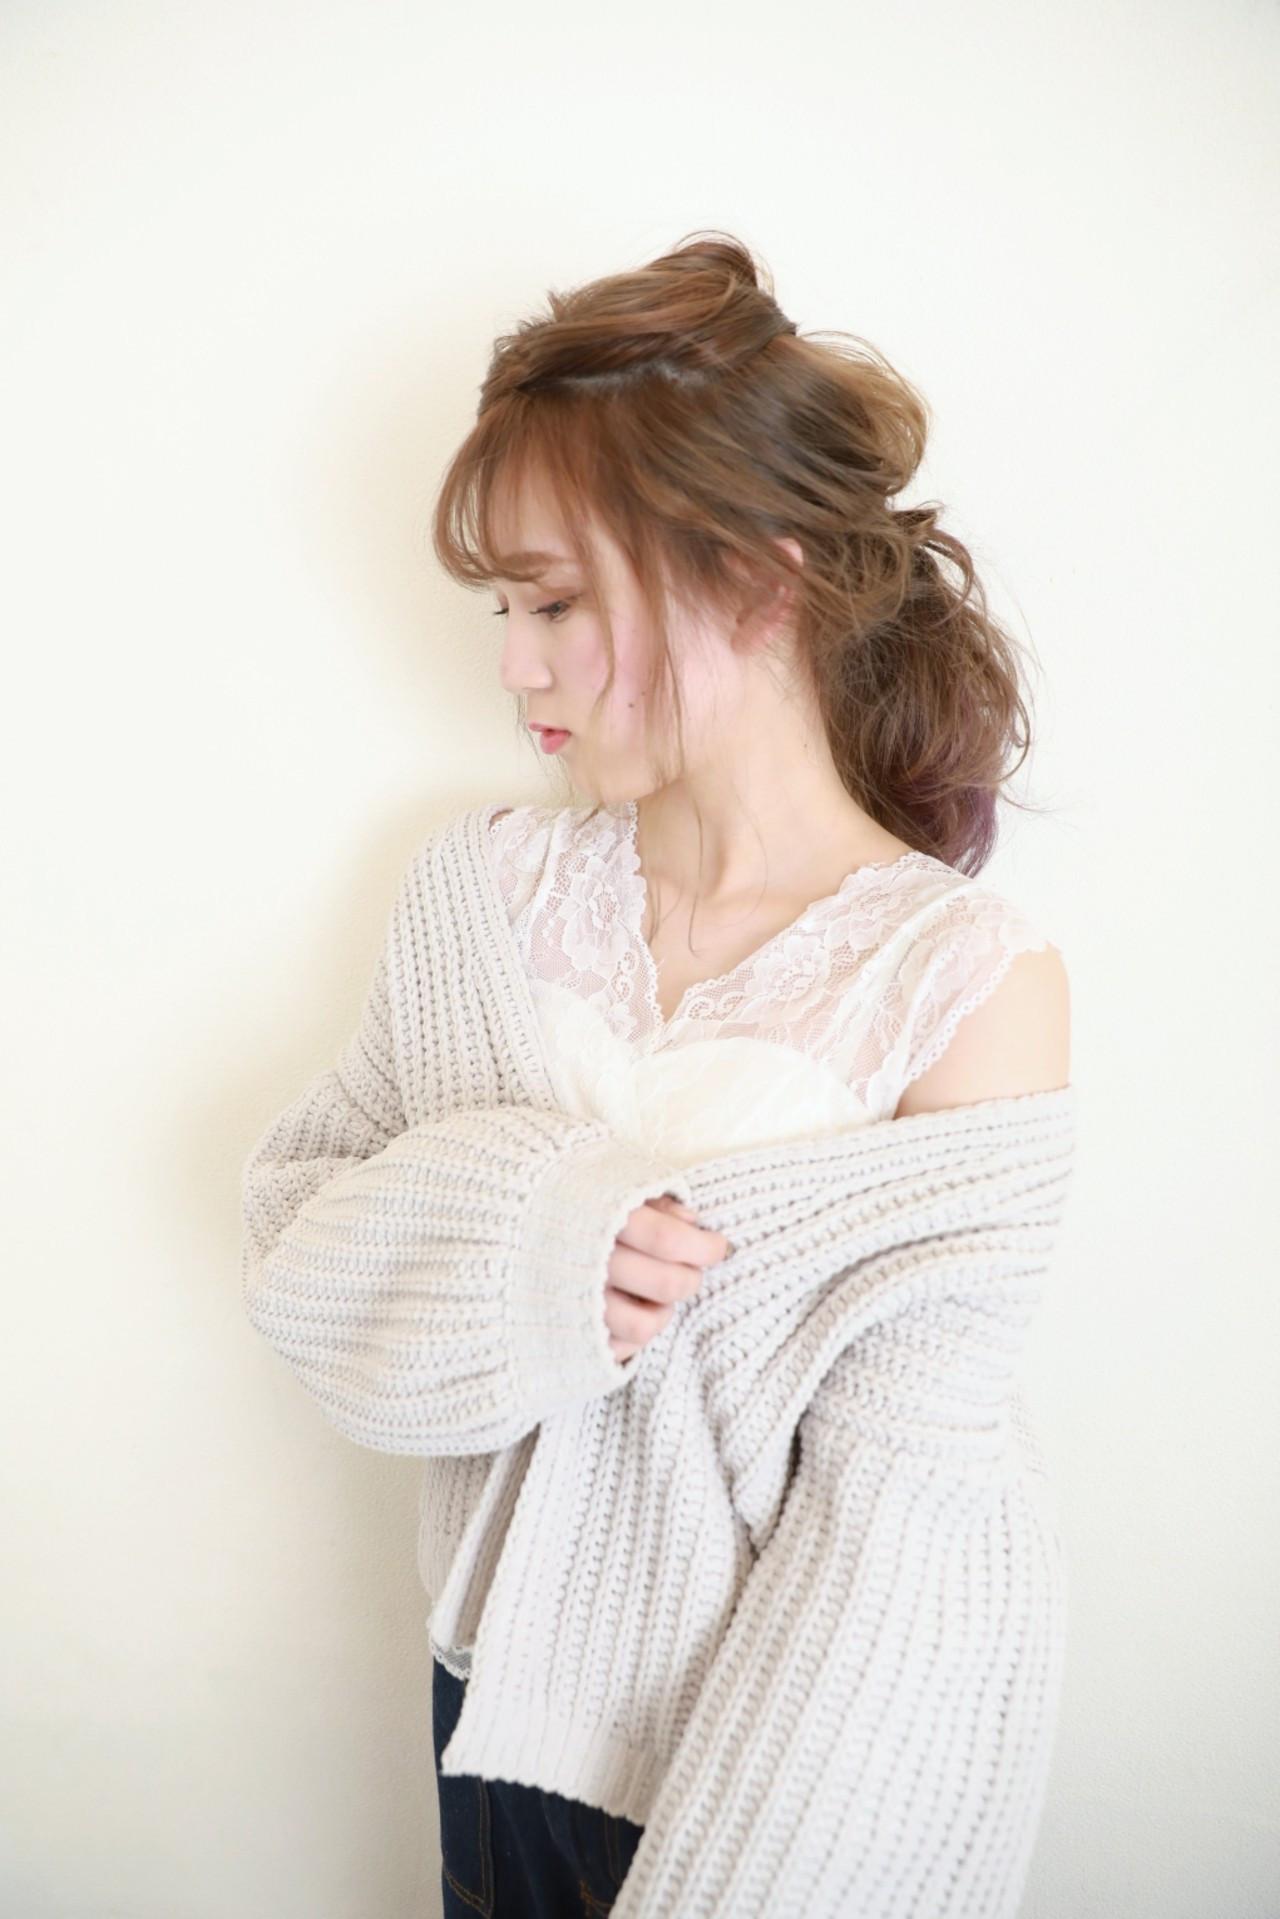 ゆるふわルーズな大人ポニーテール Naoko Miura | avant